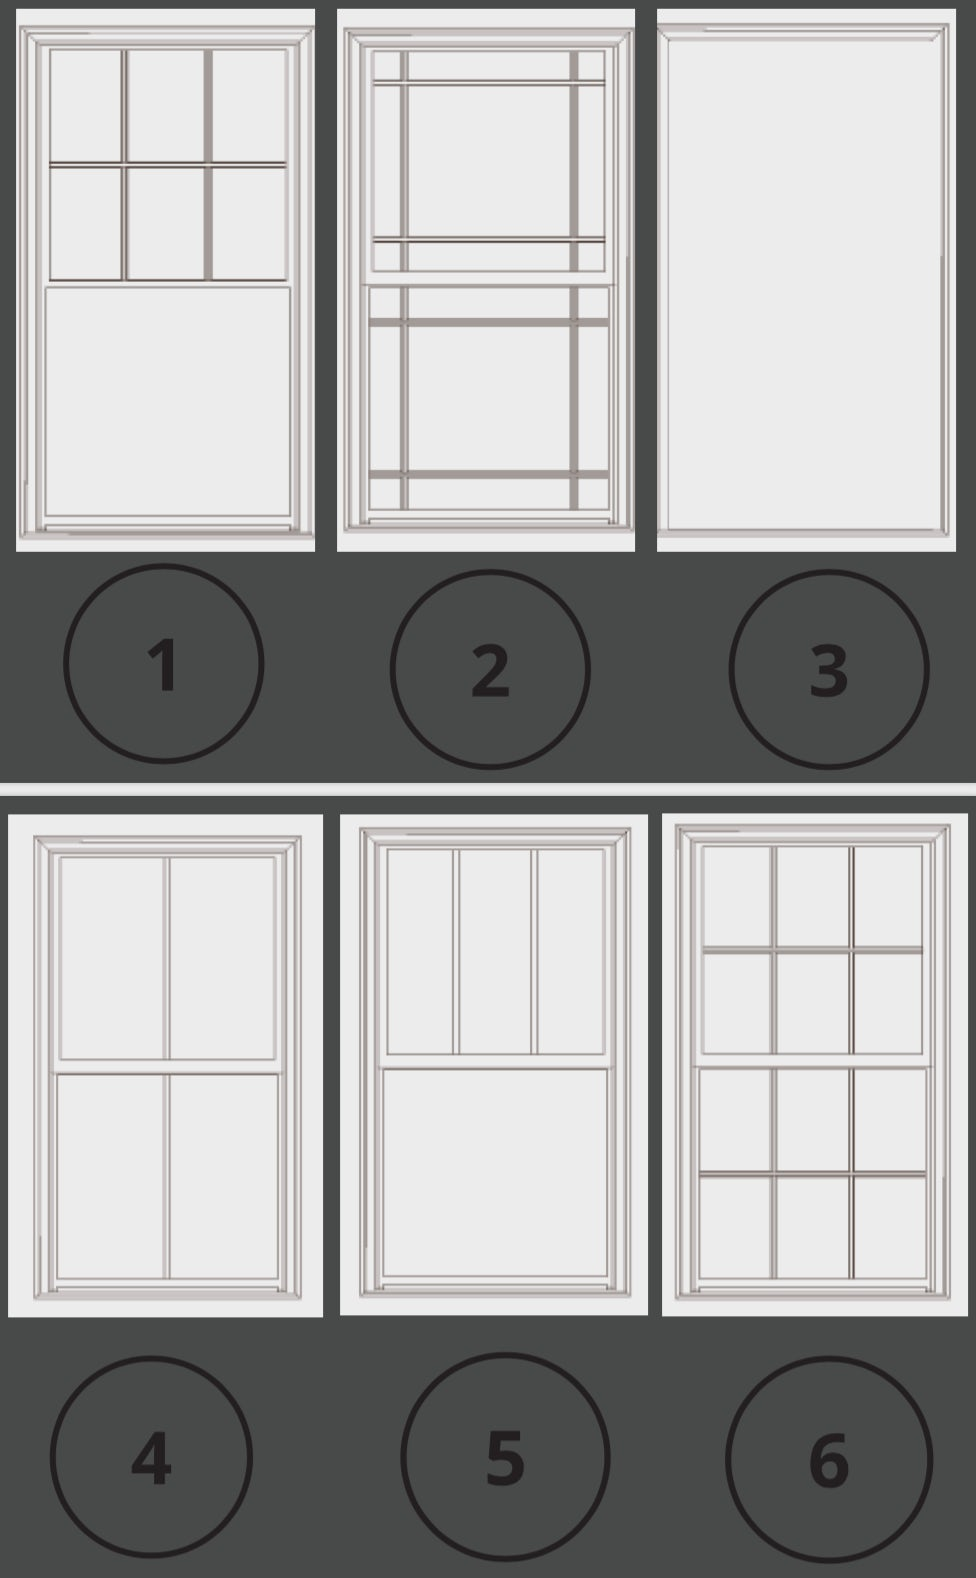 window grille quiz